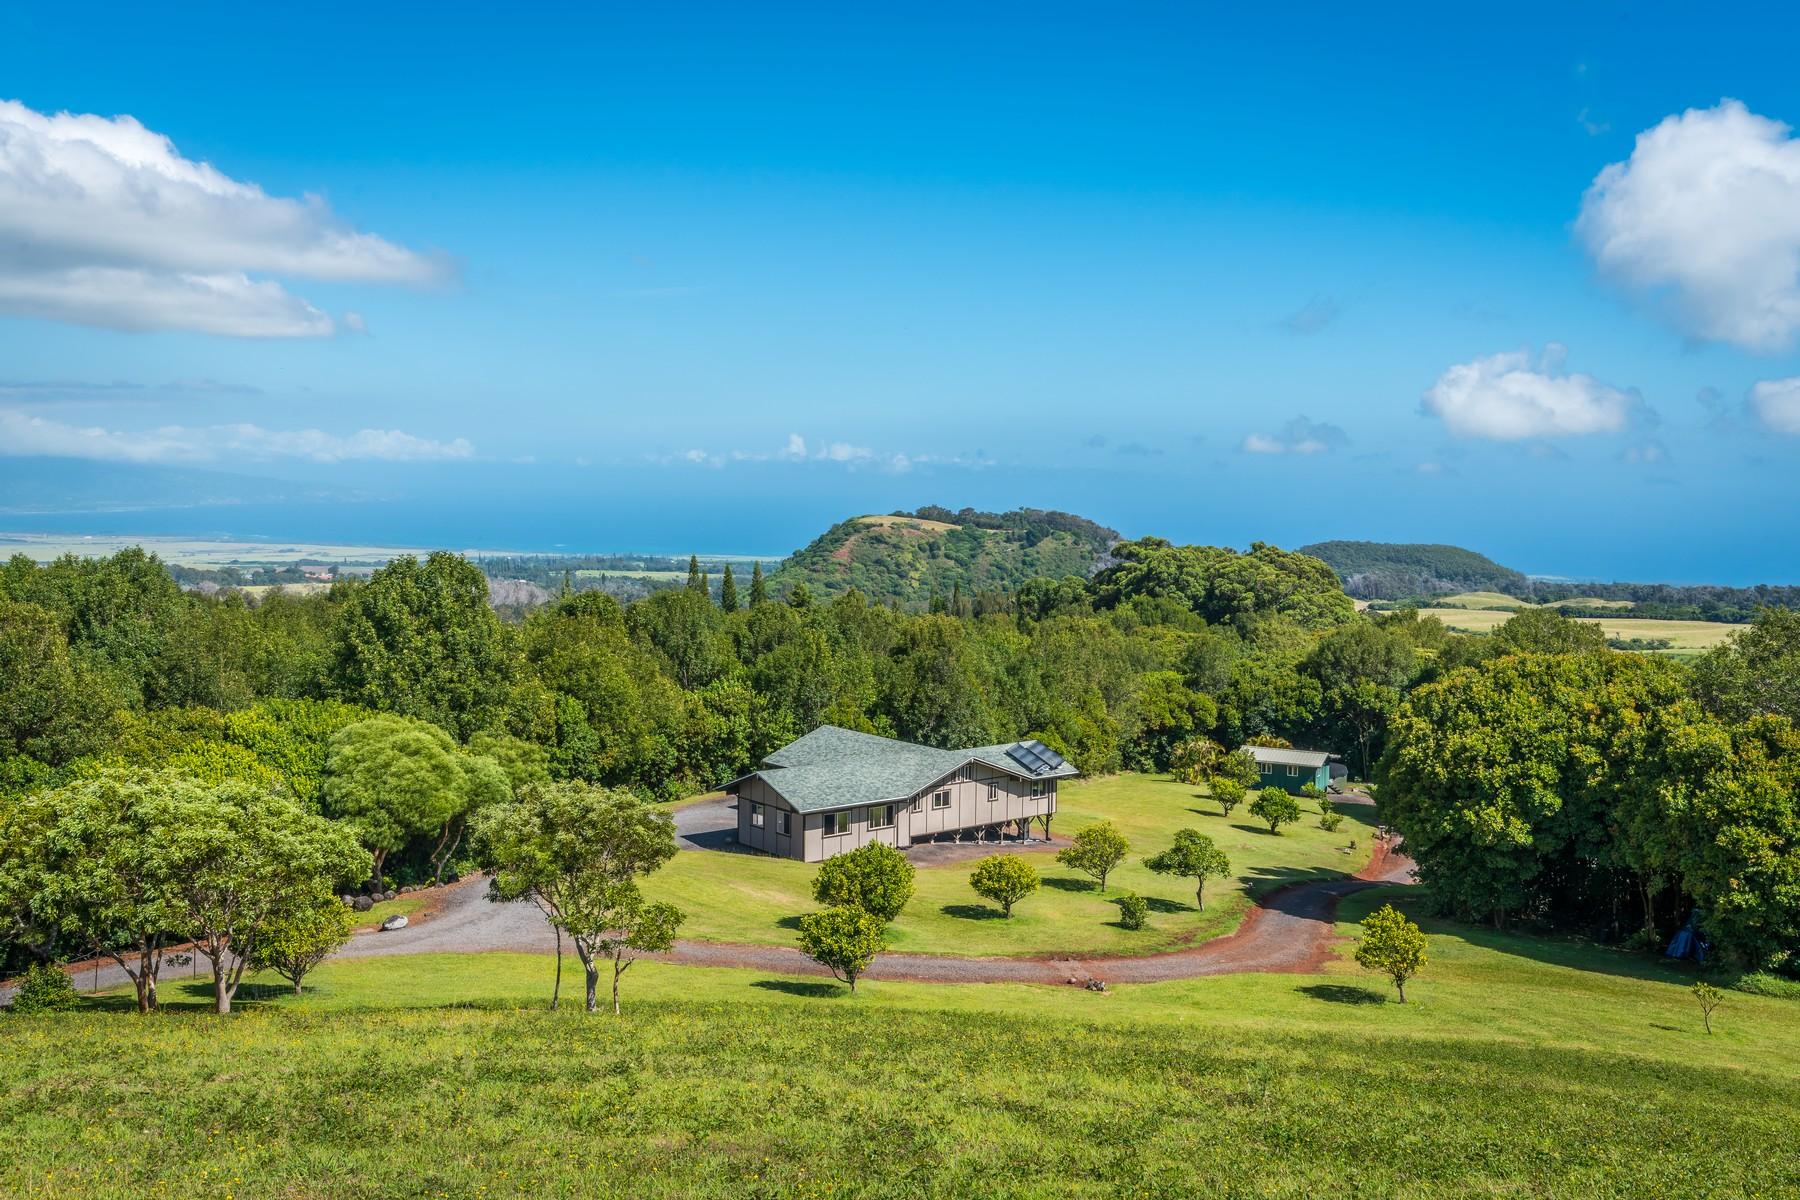 一戸建て のために 売買 アット Charming 2-Bedroom Cottage on 10 Acres 275 Kahakapao Makawao, ハワイ 96768 アメリカ合衆国